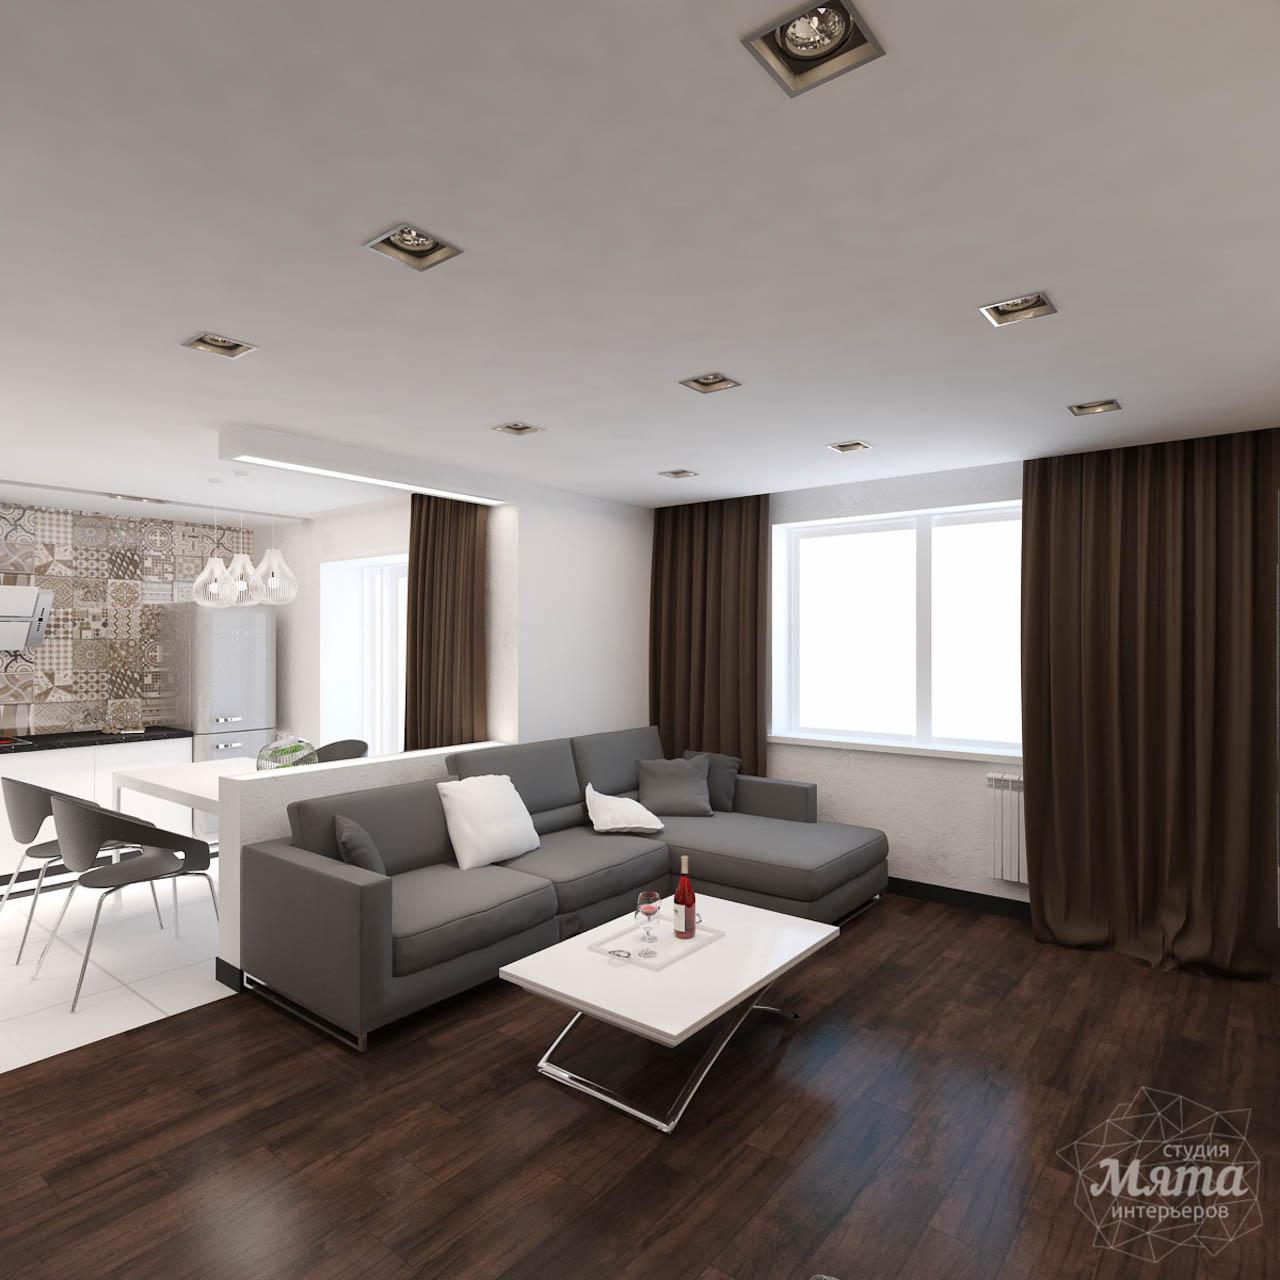 Дизайн интерьера однокомнатной квартиры по ул. Гагарина 27 img1702568187